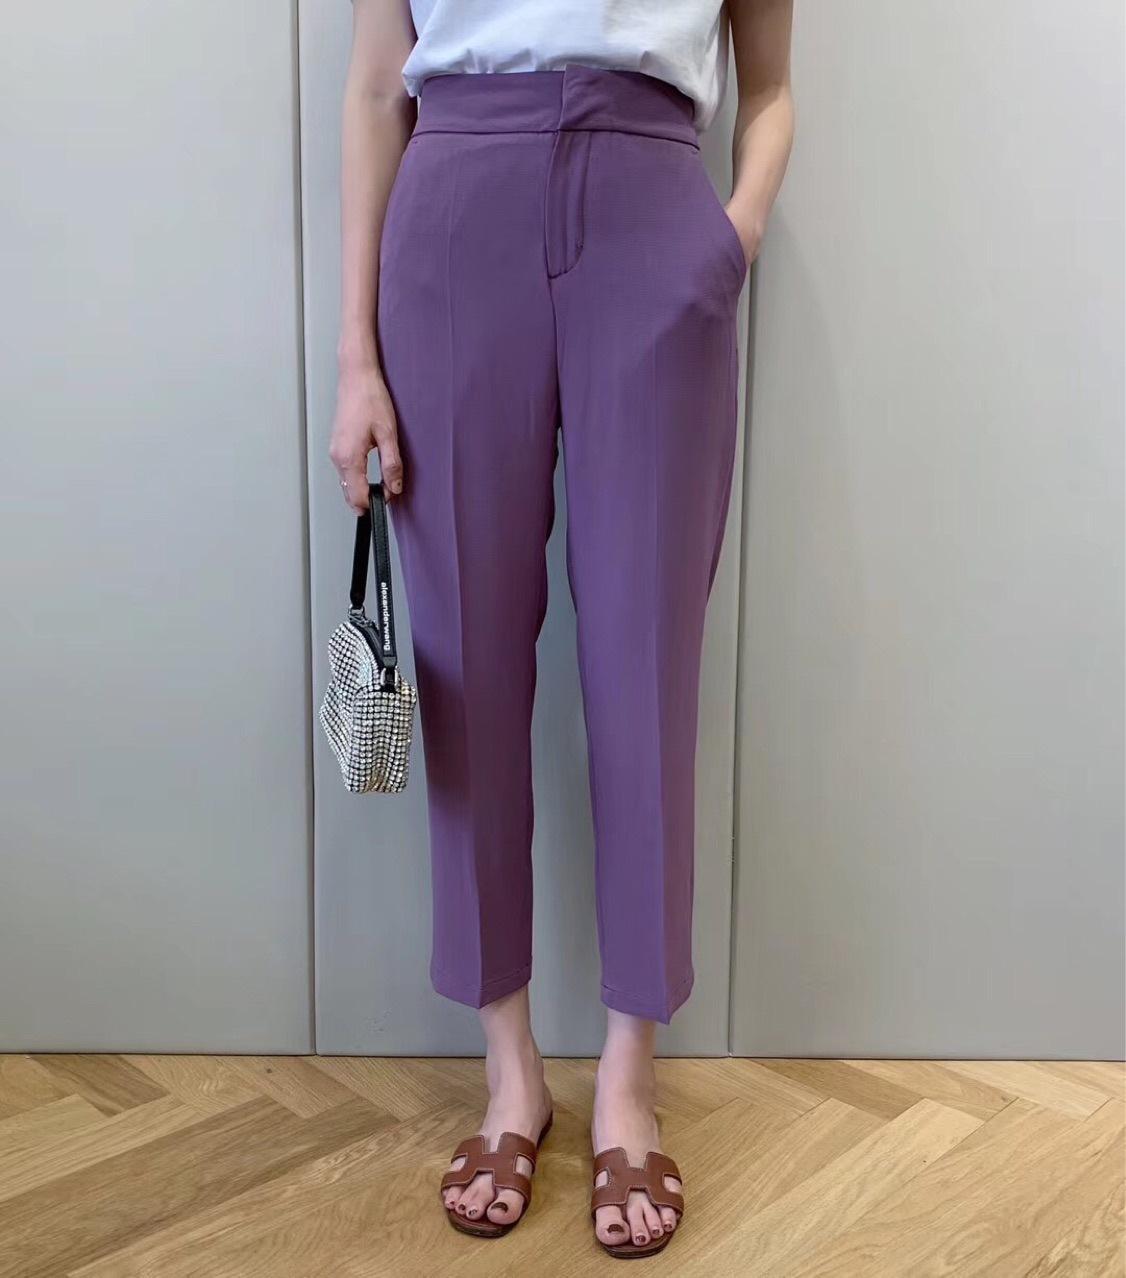 Quần mùa hè sẽ thoáng khí kết cấu chống nhăn vải cao eo phù hợp với quần nữ 9 điểm KZ0602G